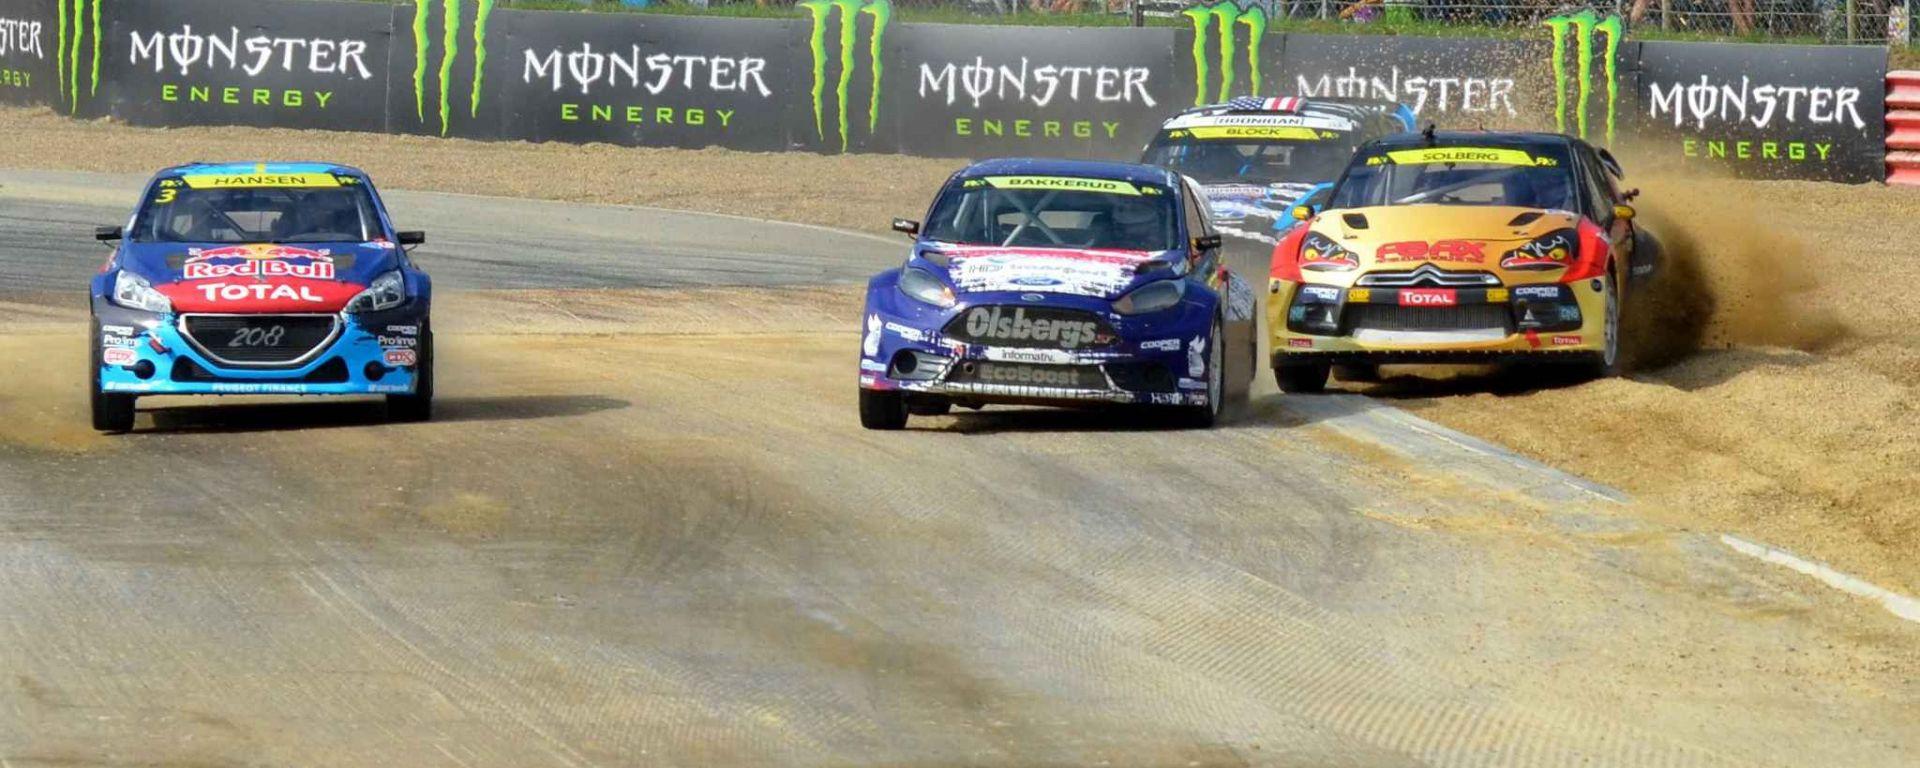 Rallycross 2018: GP Francia Loheach - Info, risultati, programma, orari